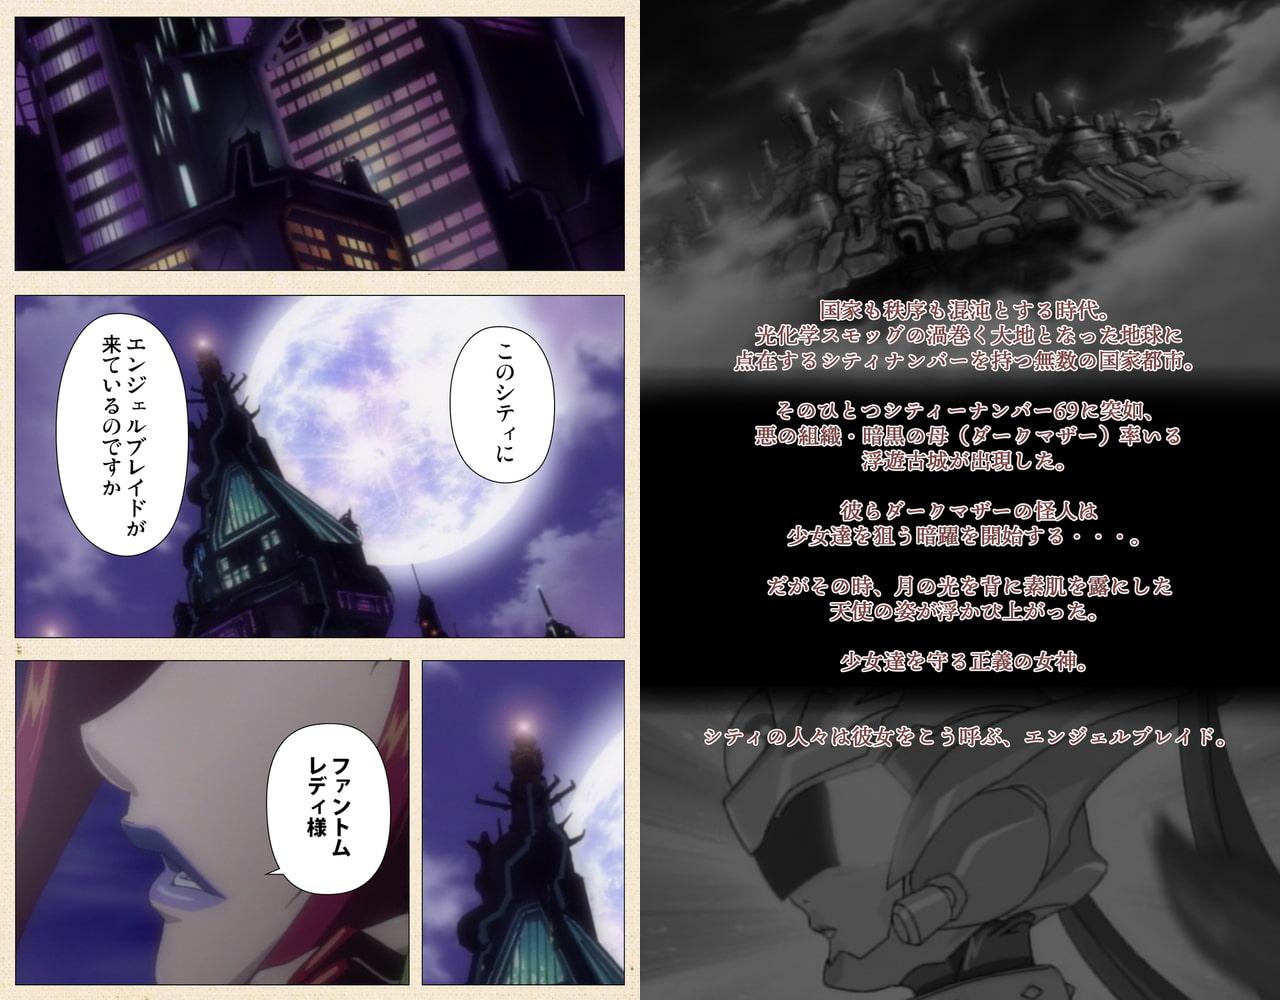 エンジェルブレイドパニッシュ! Vol.3【フルカラー成人版】